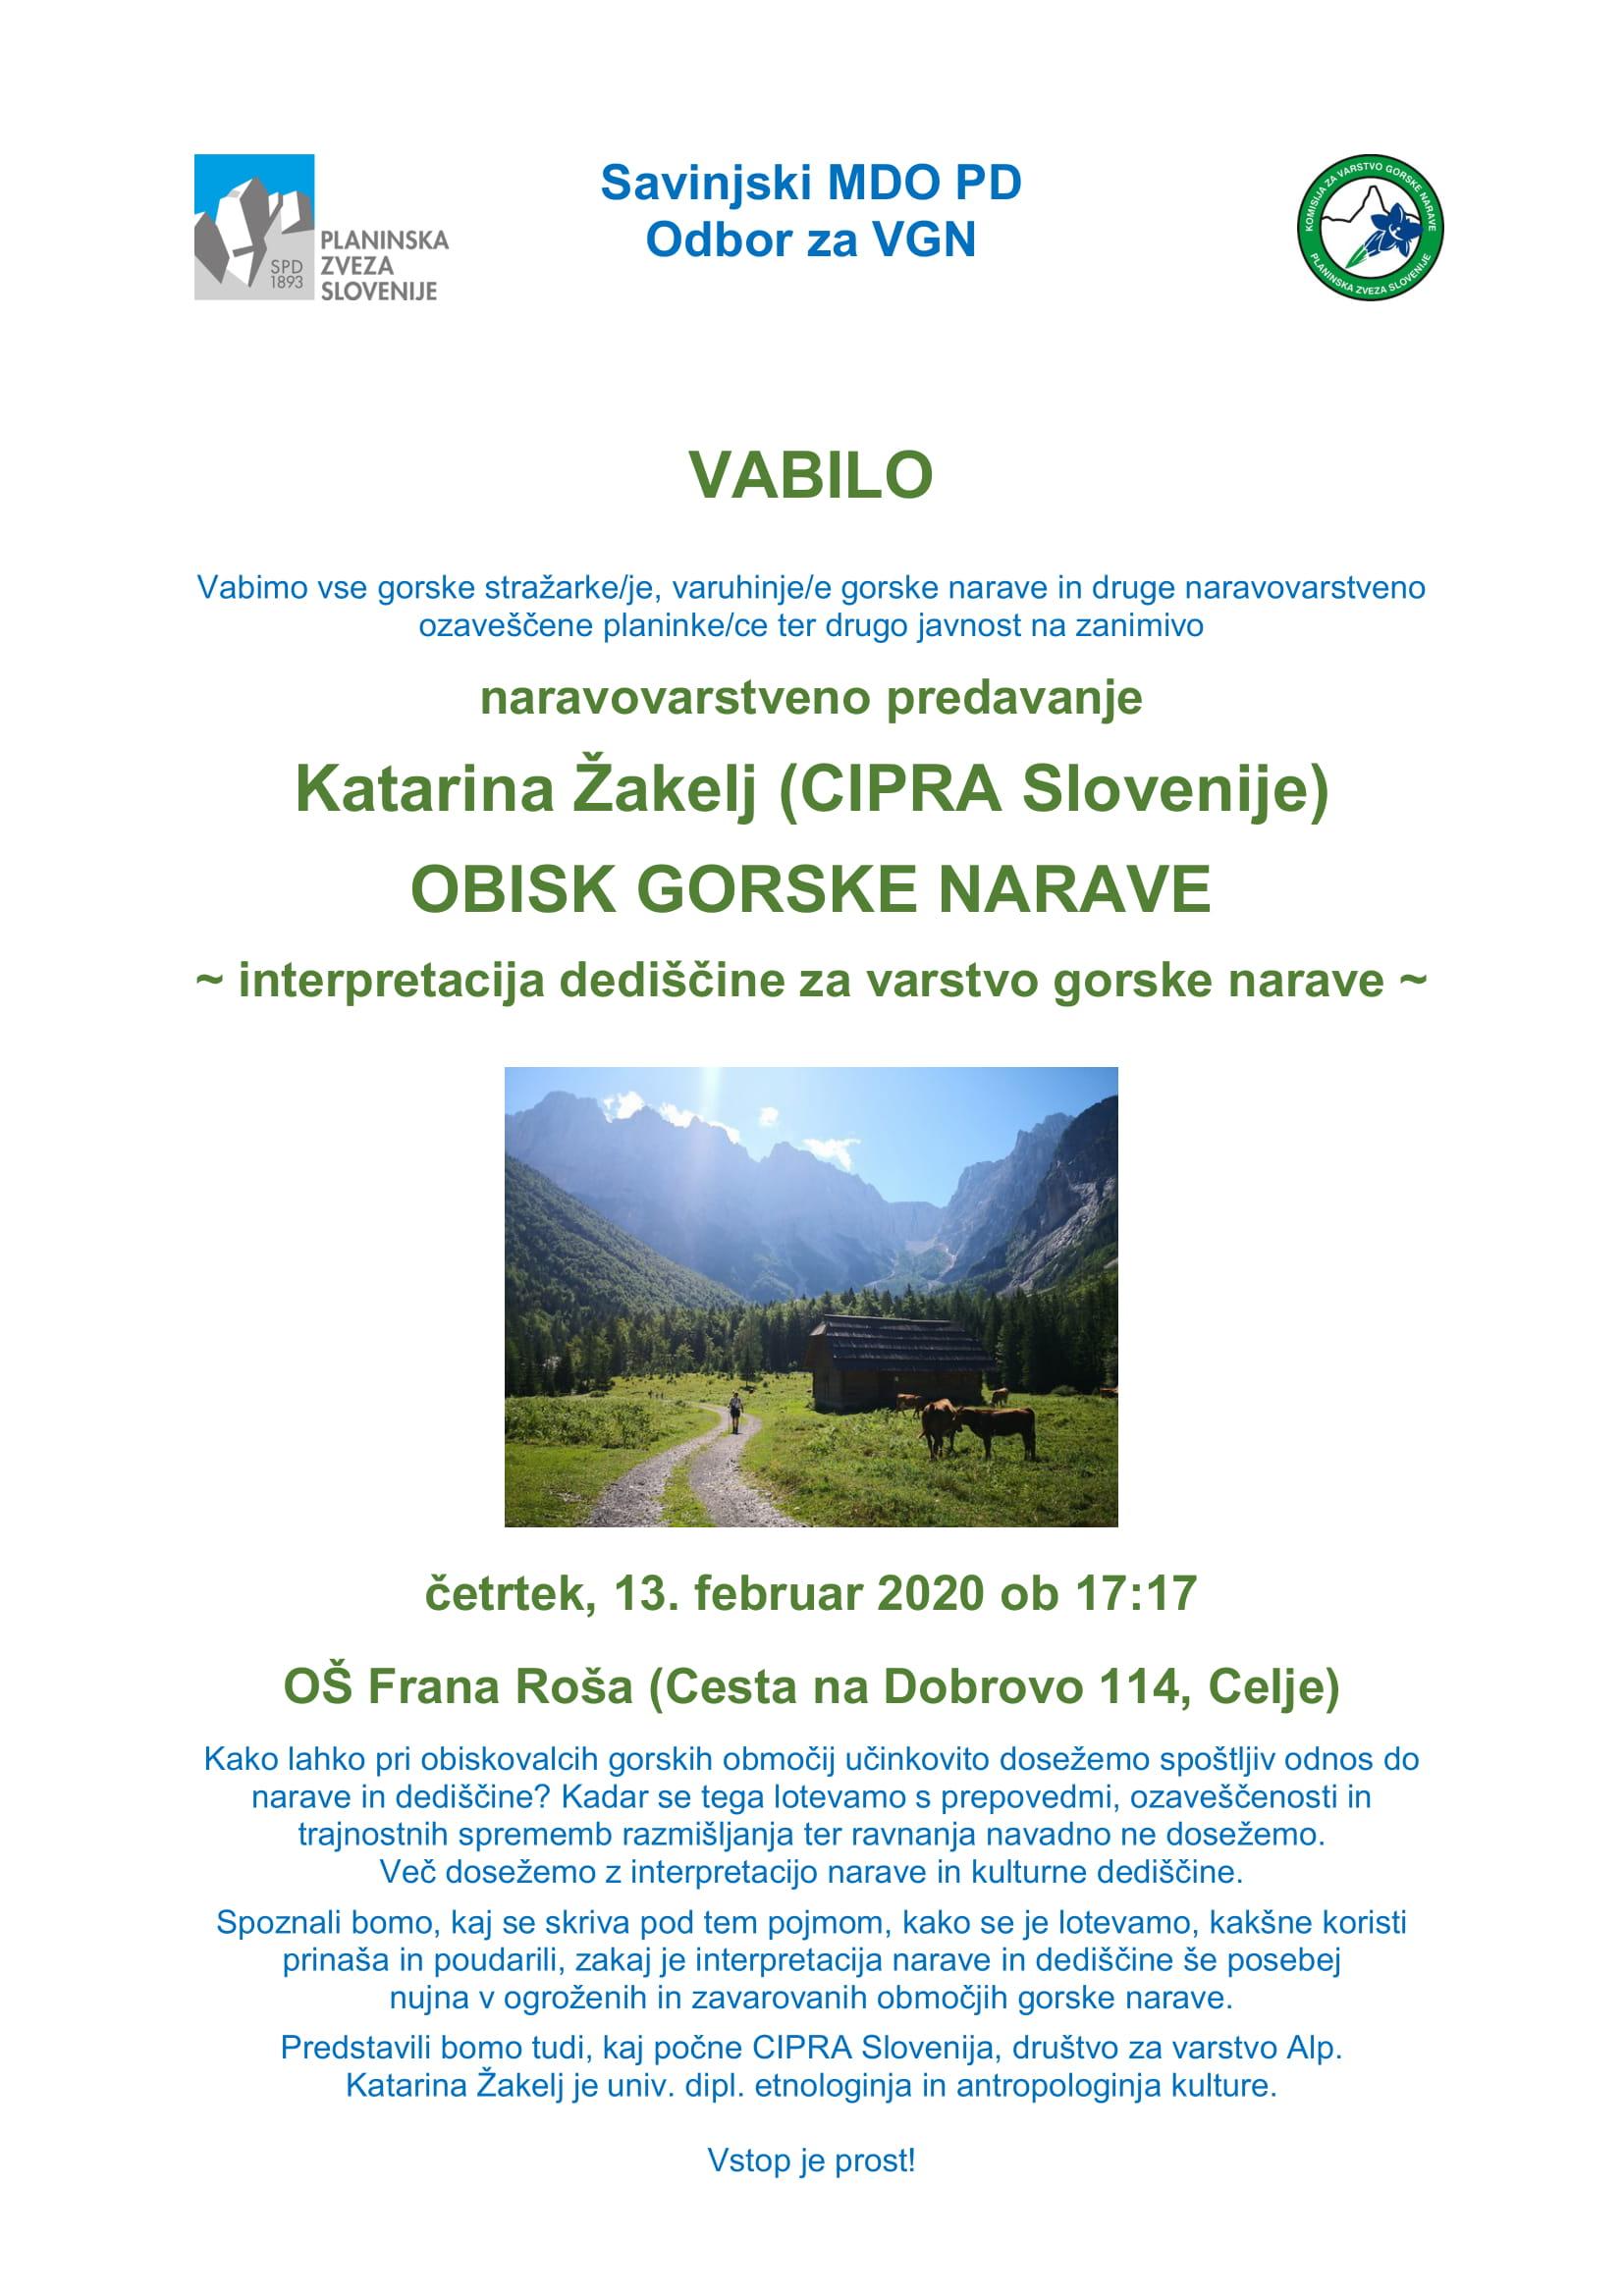 Vabilo___Pred_CIPRA_2020_1